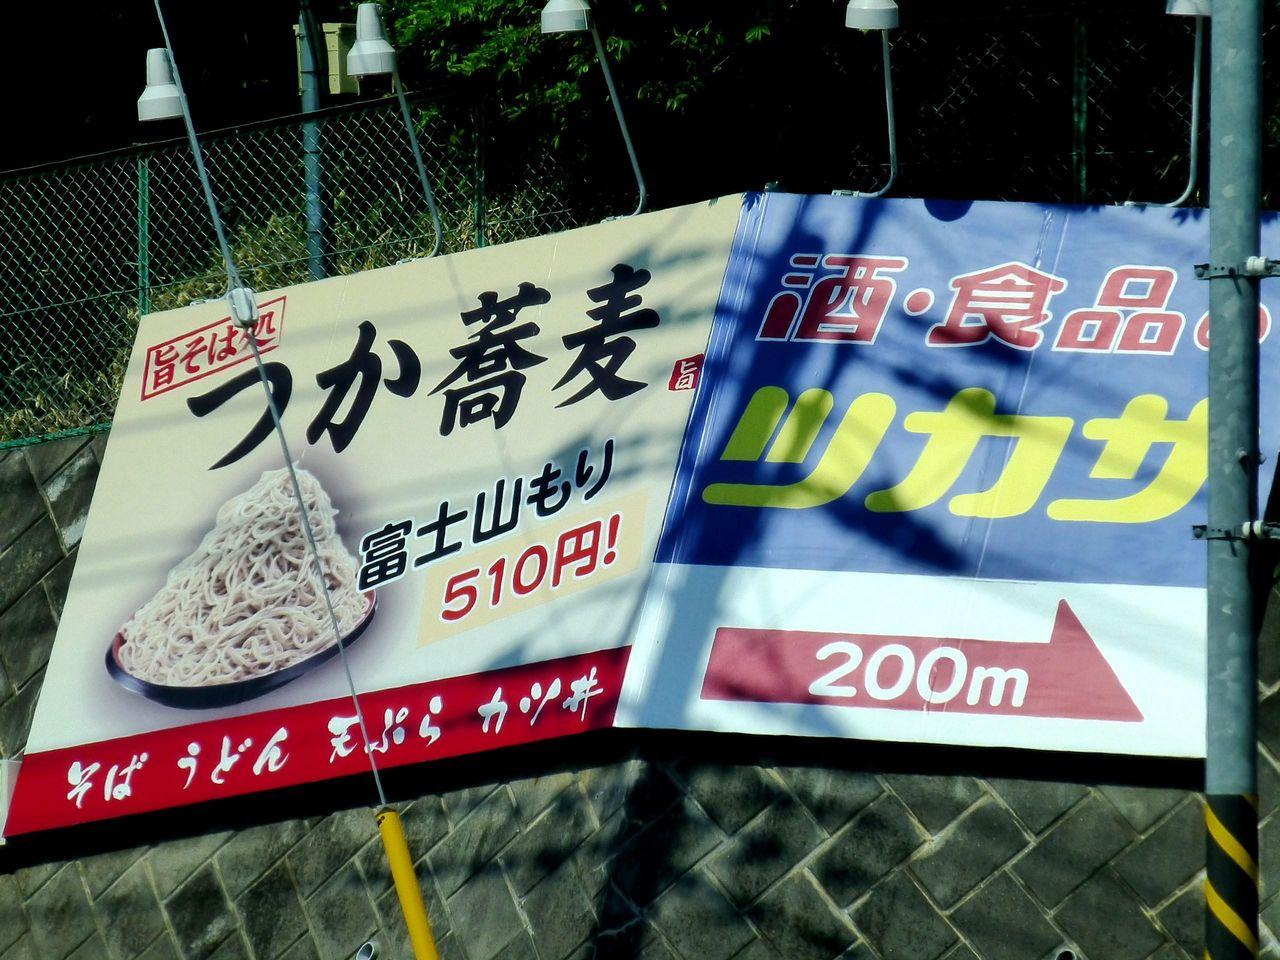 何とも気になる「富士山もり」の看板を発見!